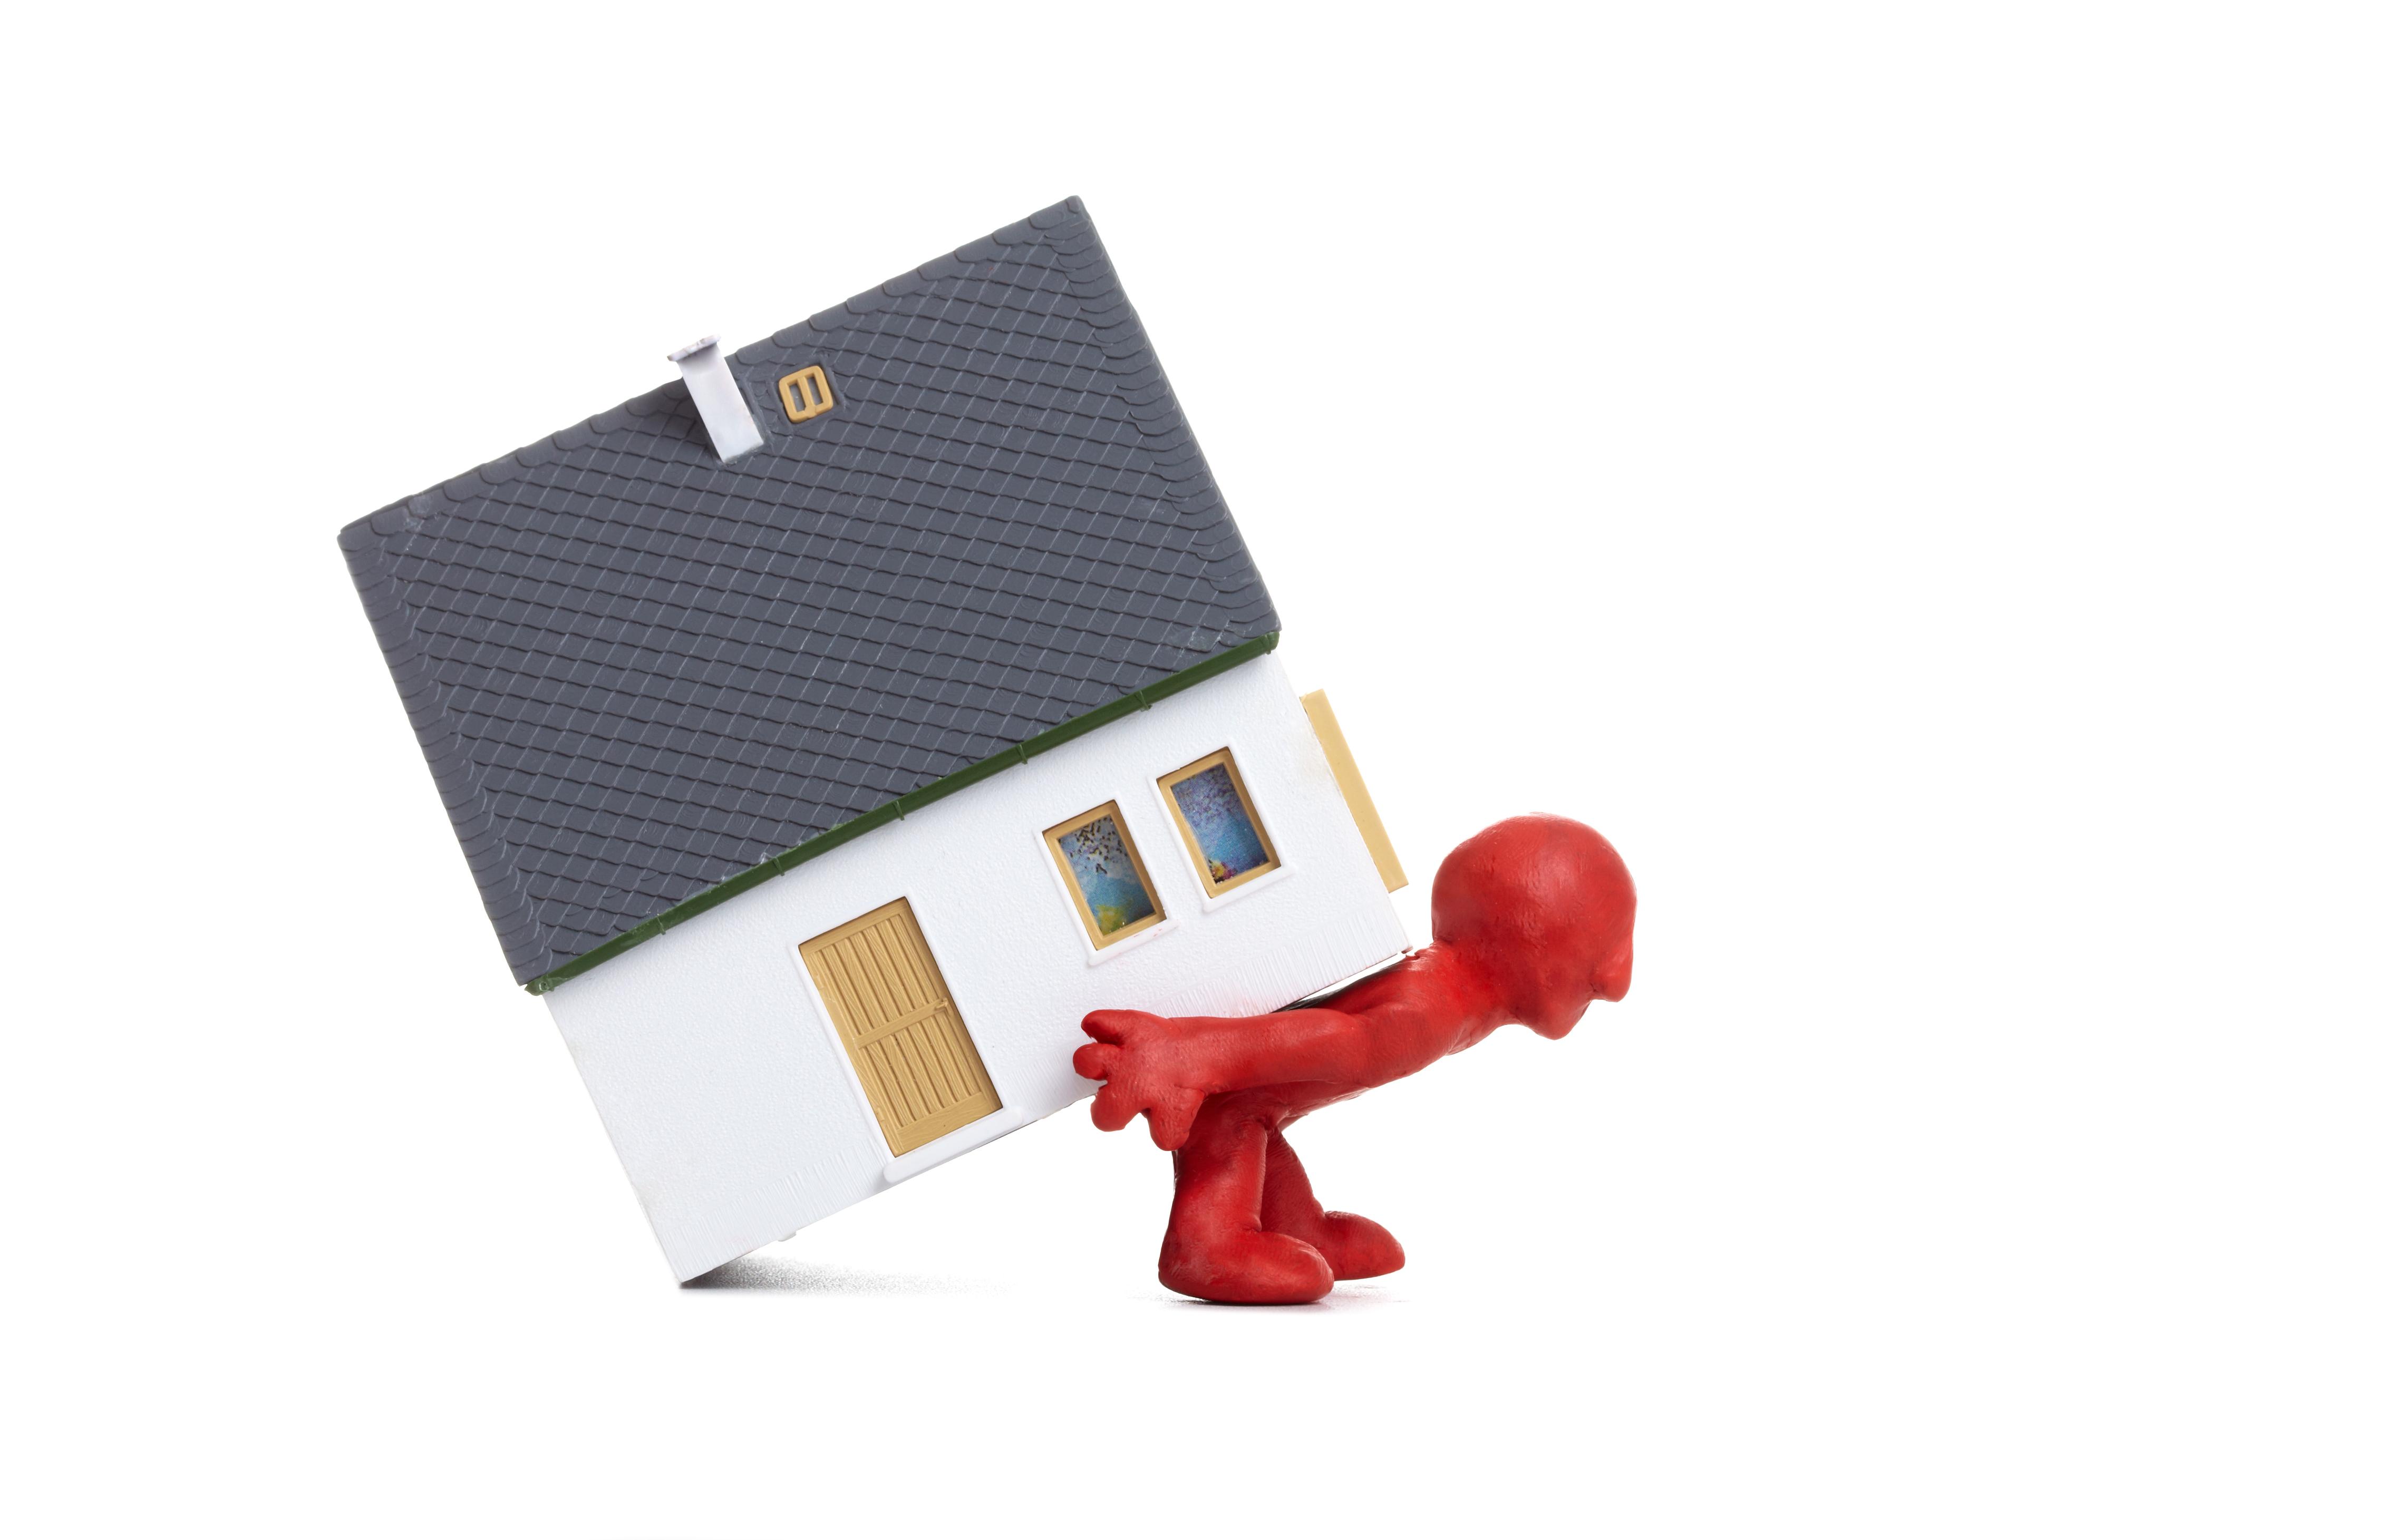 Le famiglie in affitto destinano oltre il 20% della spesa al pagamento del canone di locazione